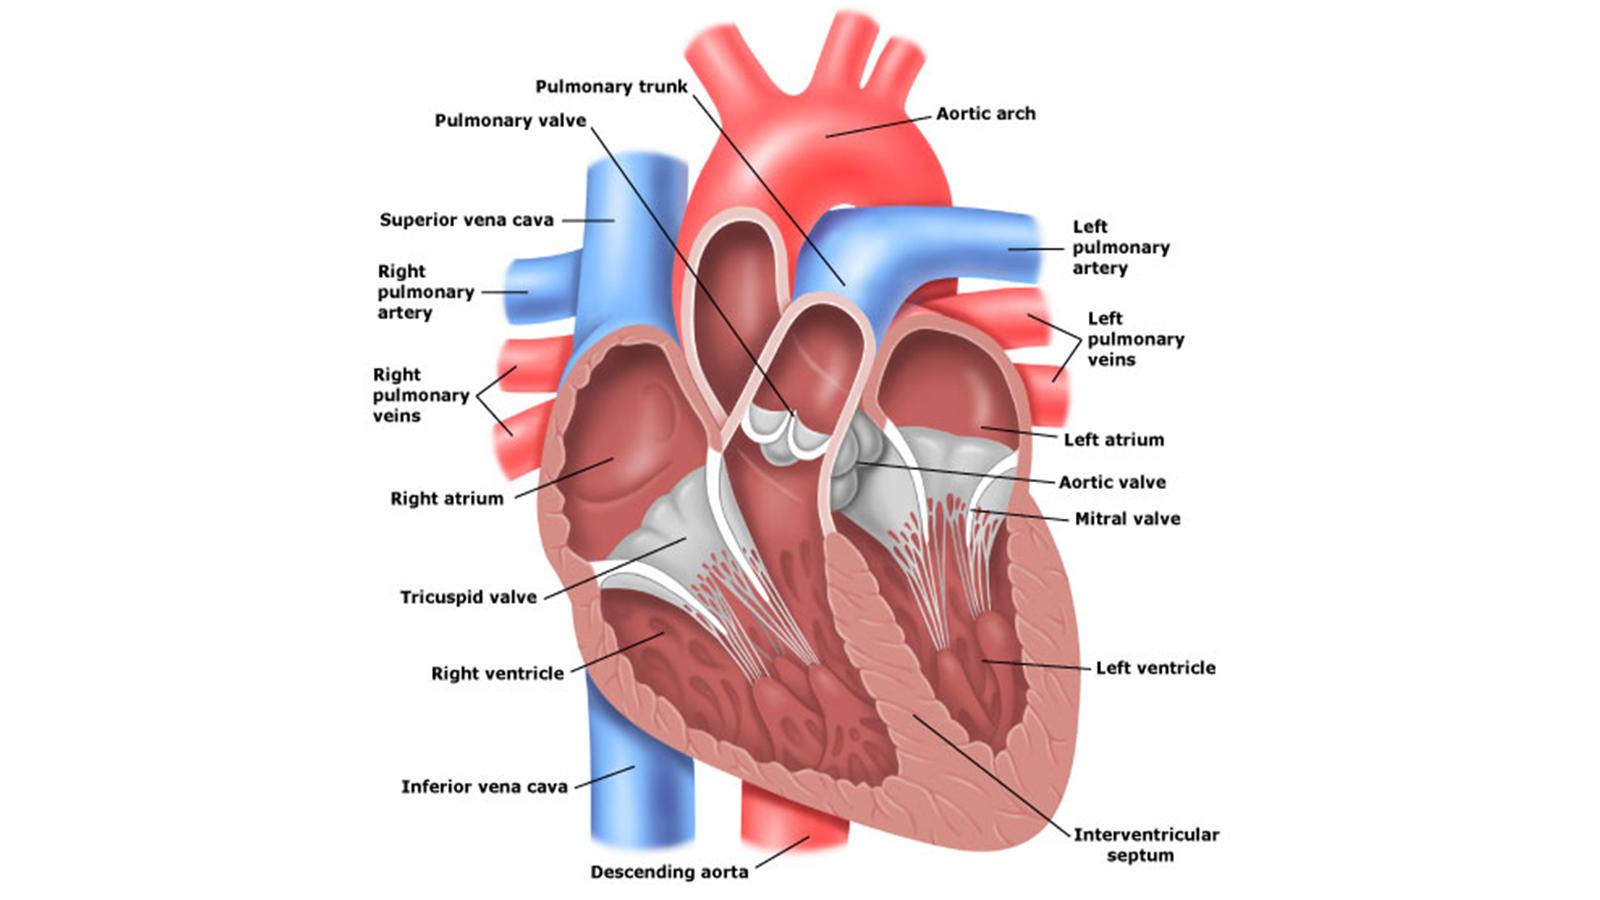 โรคของระบบหัวใจและหลอดเลือด